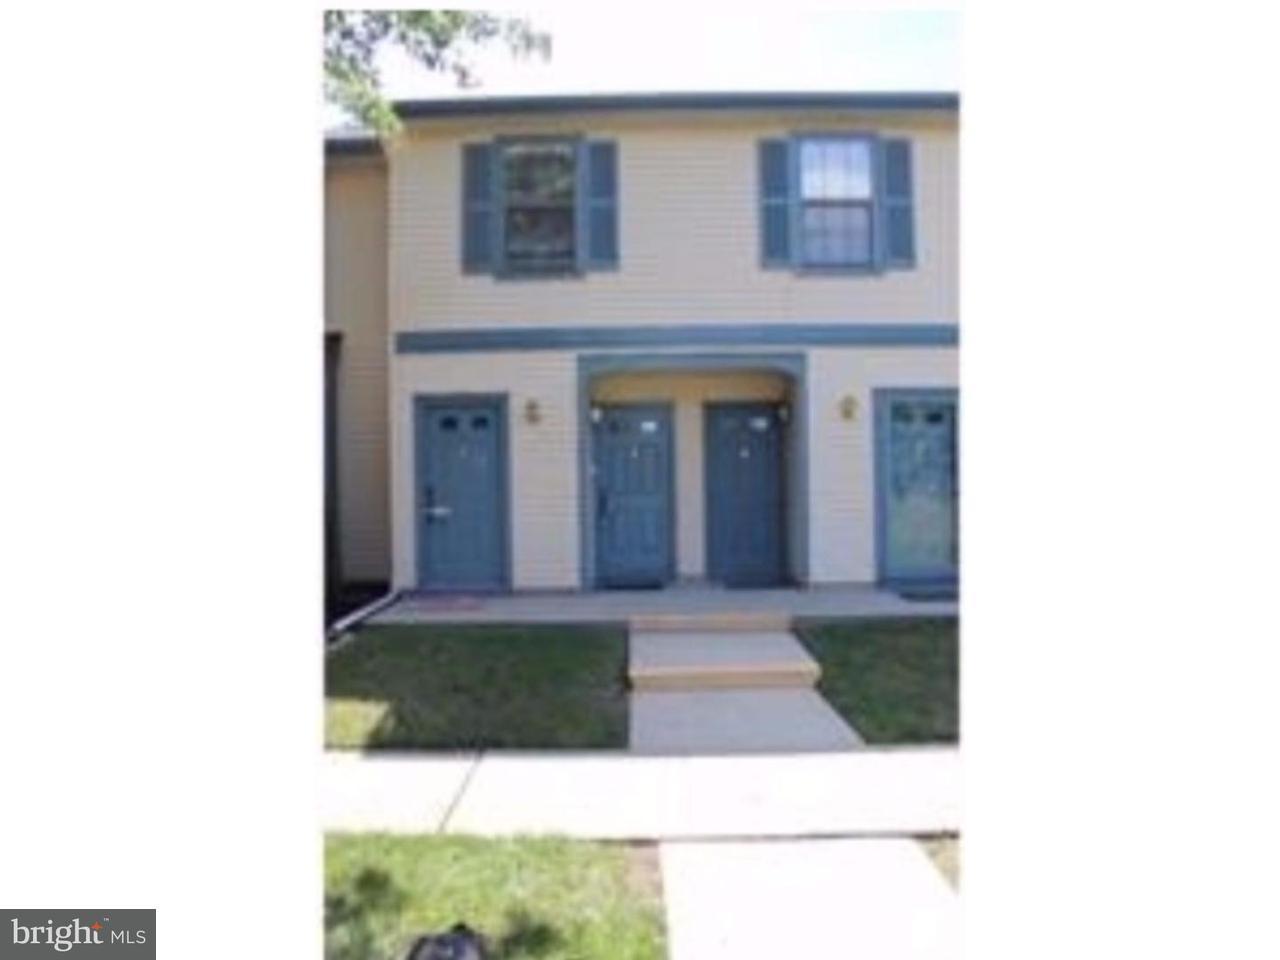 Casa unifamiliar adosada (Townhouse) por un Alquiler en 4 WYNDHAM Place Robbinsville, Nueva Jersey 08691 Estados UnidosEn/Alrededor: Robbinsville Township